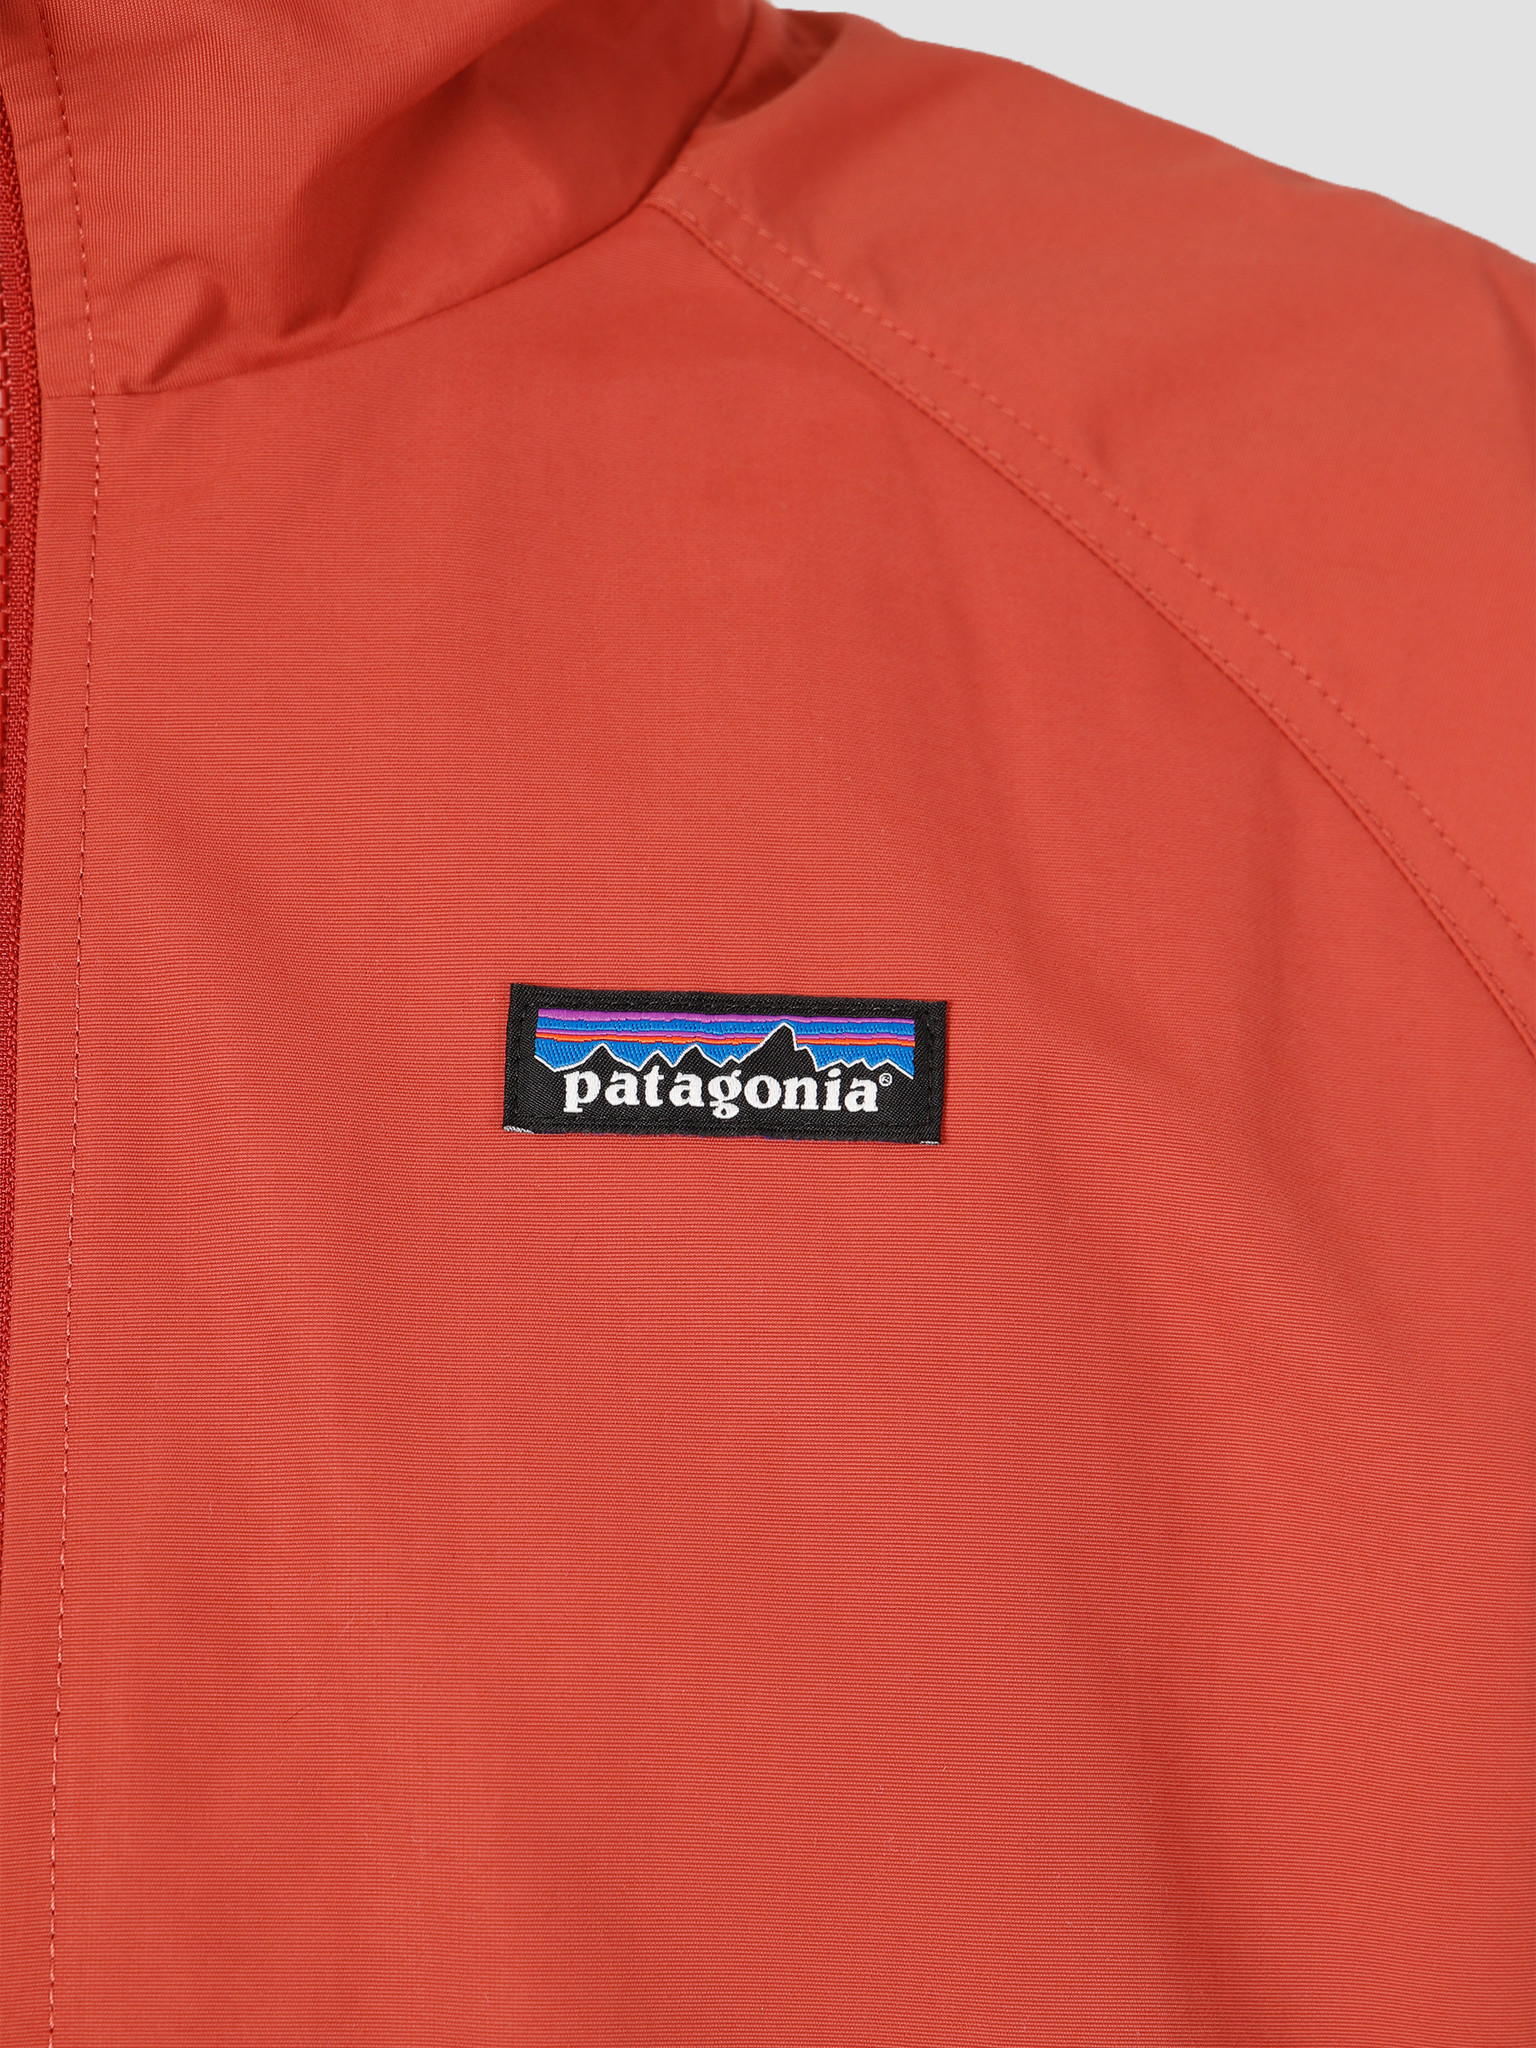 Patagonia Patagonia M's Baggies Jacket Spanish Red 28151